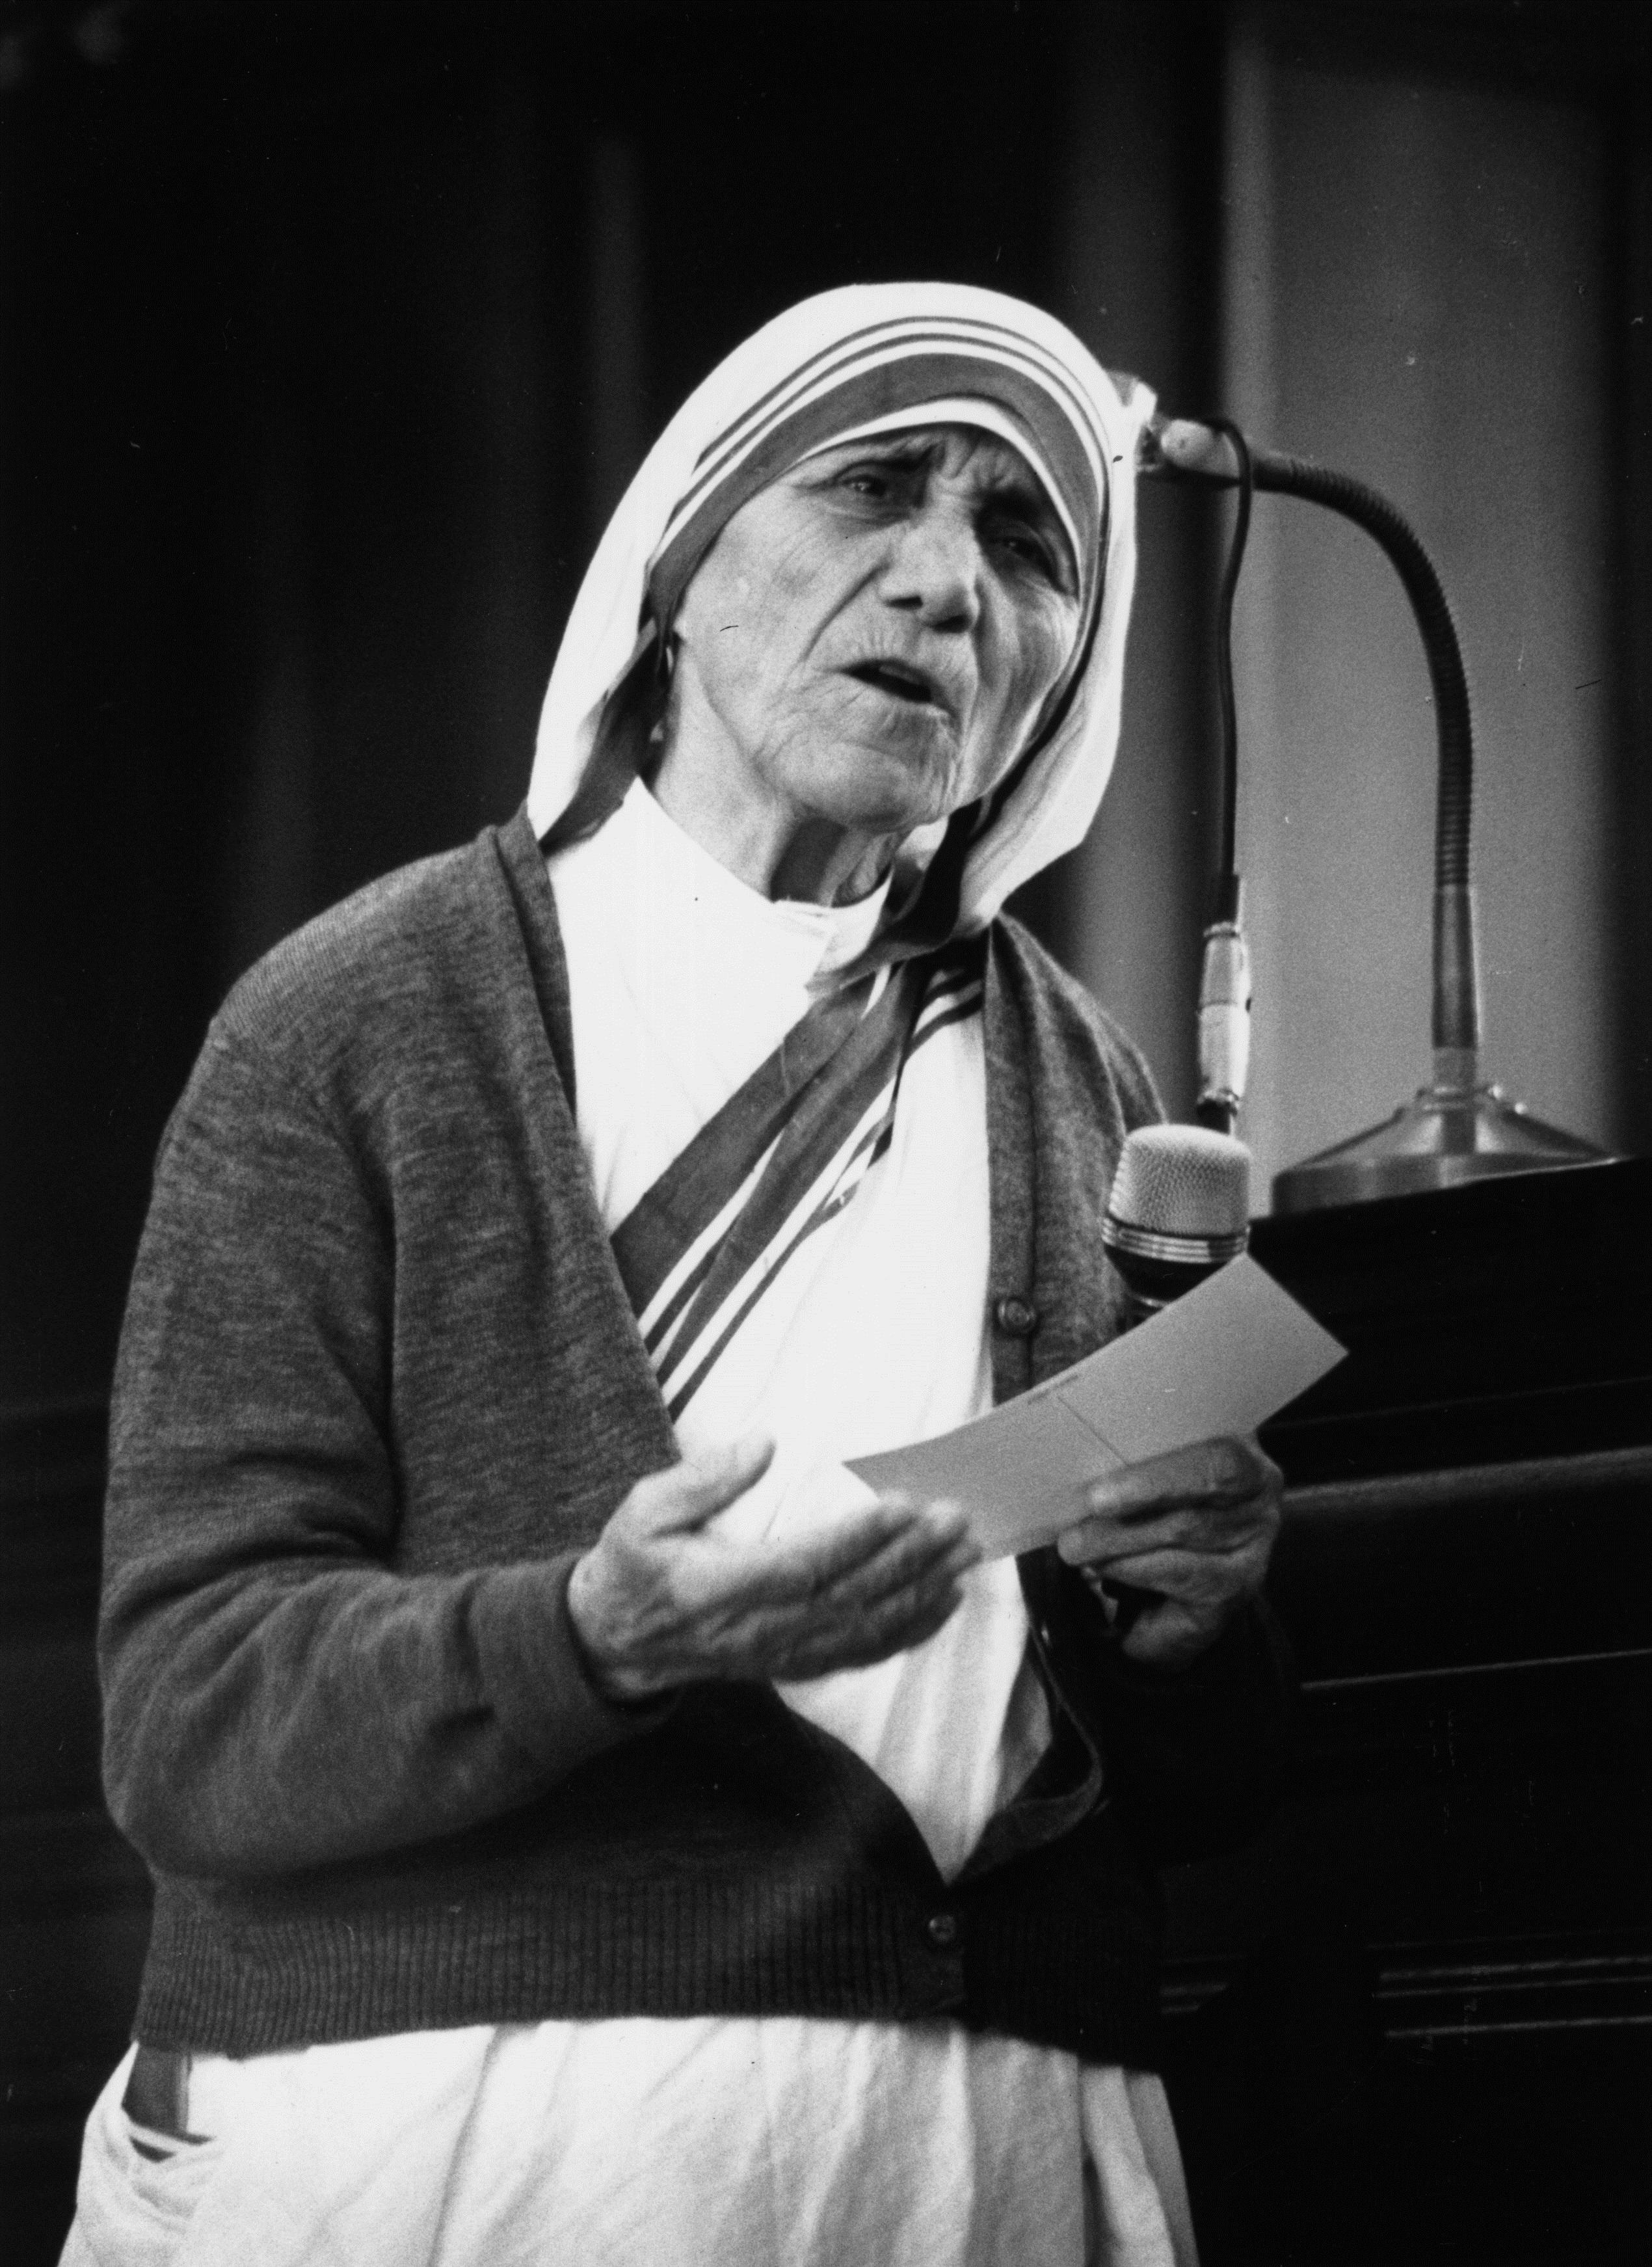 <p><strong>Майка Тереза за бедността</strong></p>  <p>&bdquo;Смятам, че е много красиво бедните да приемат съдбата си, да я споделят с Христовата страст. Мисля, че светът много се подпомага от страданията на бедните хора&rdquo;.</p>